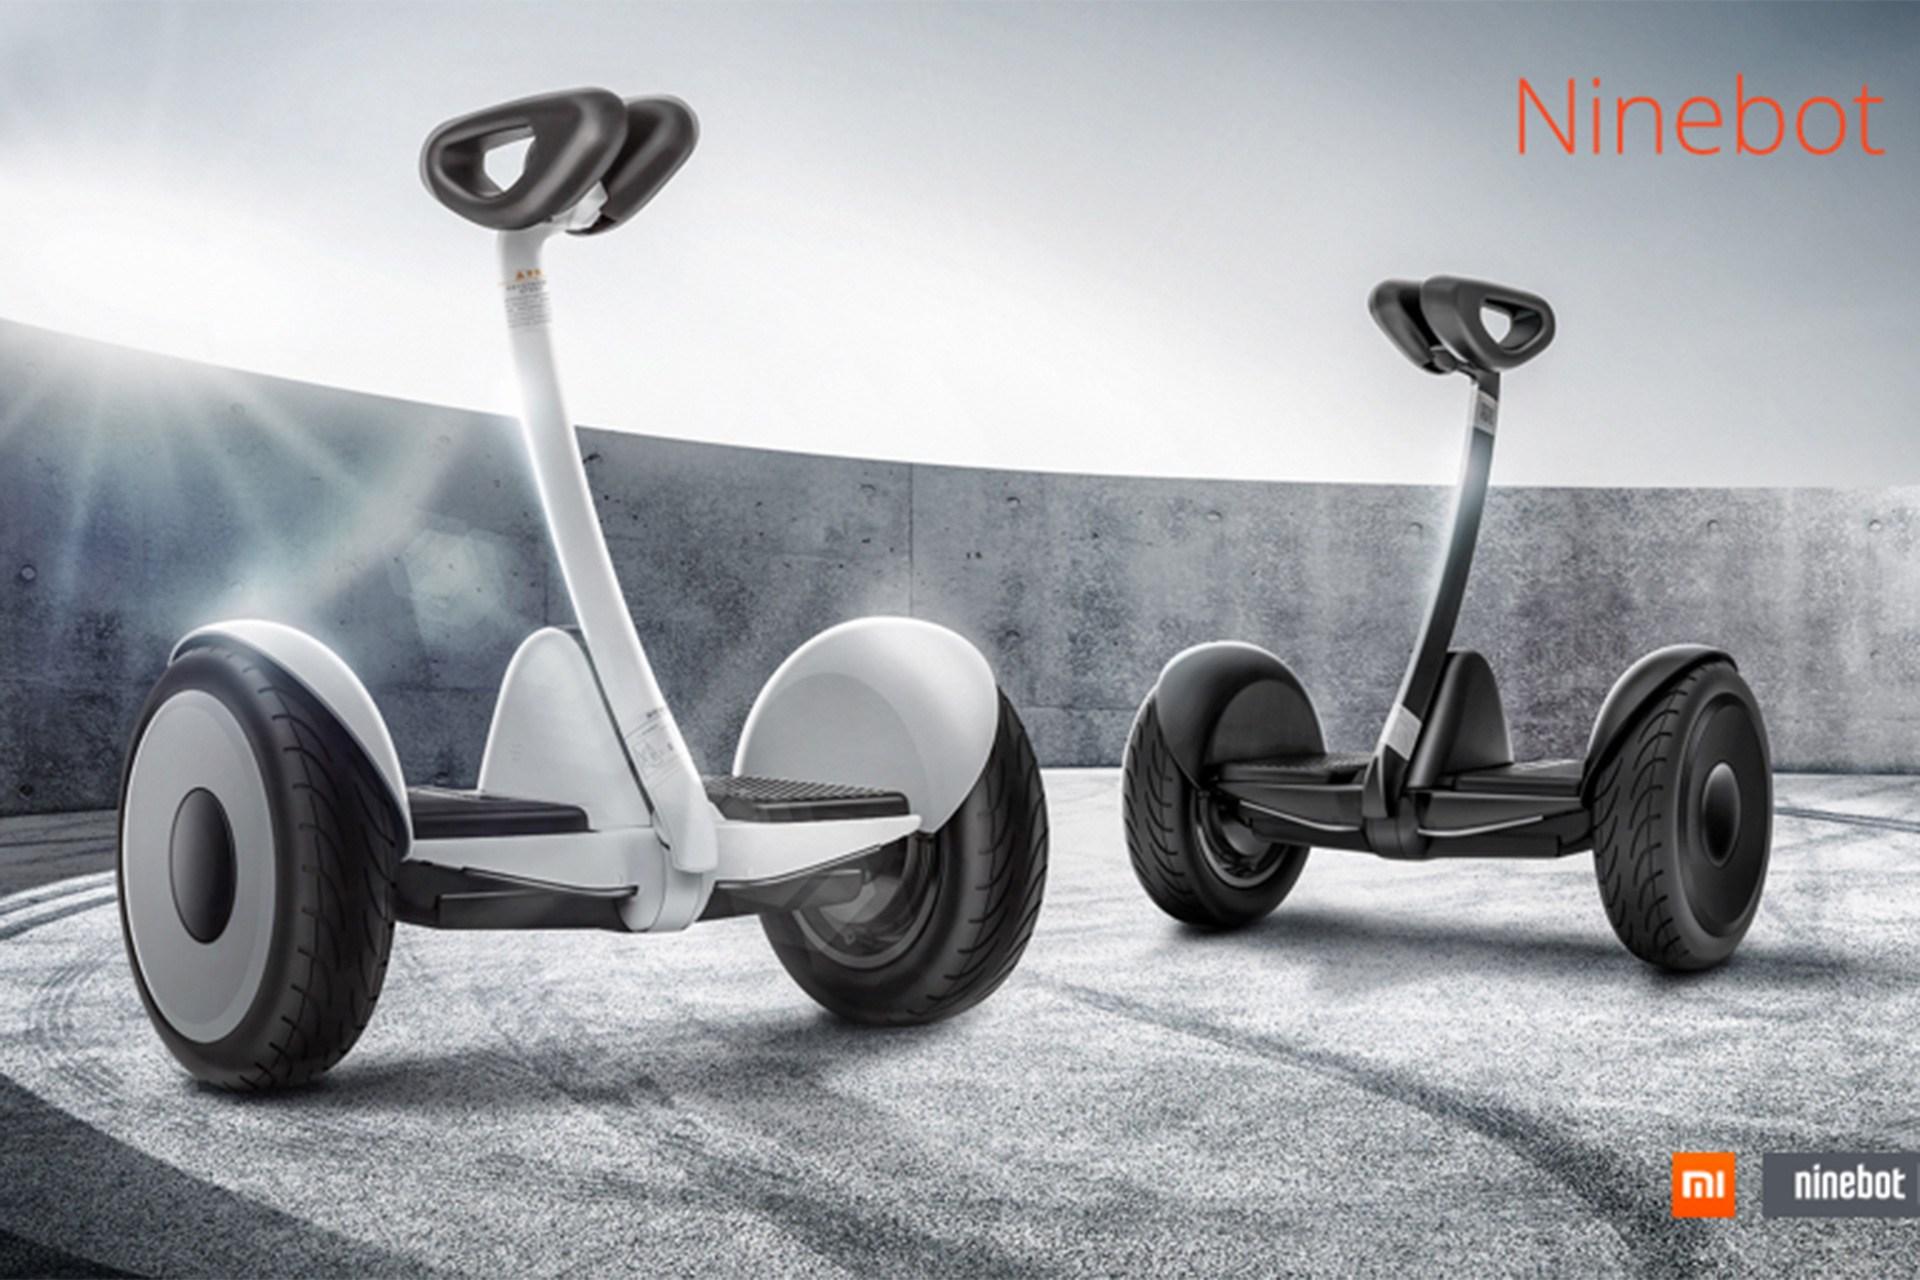 ninebot-mini